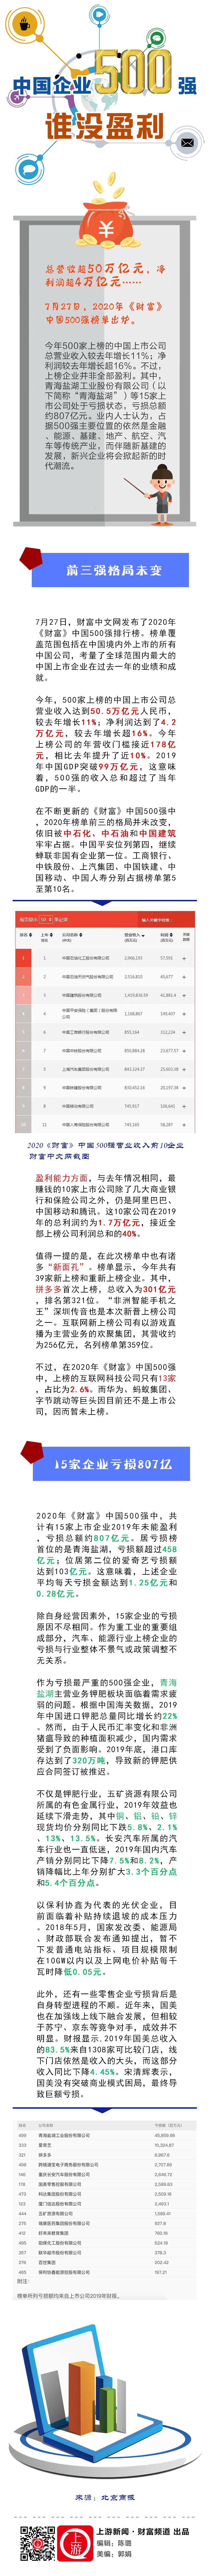 中国企业500强,谁没盈利20200727.jpg